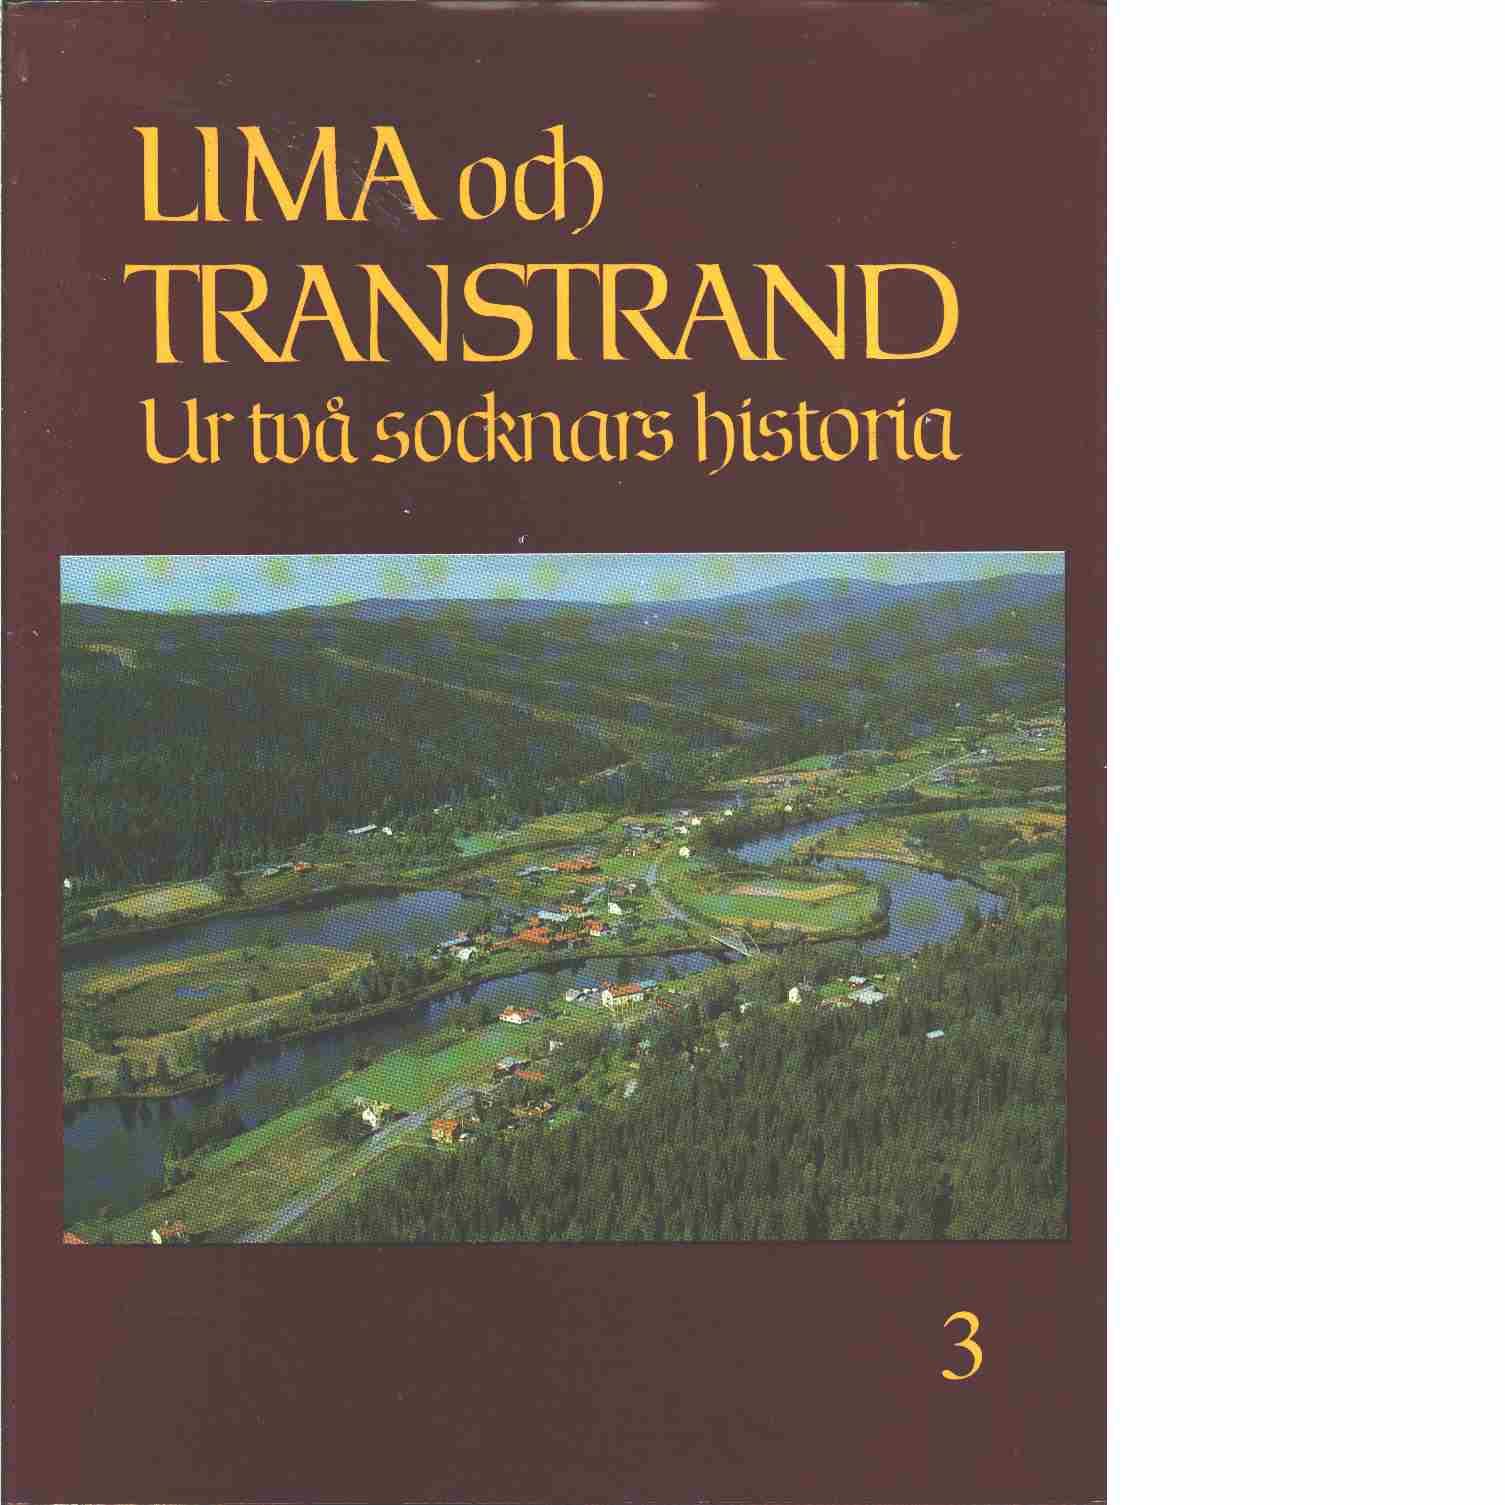 Lima och Transtrand : ur två socknars historia. 3 - Red. Björklund, Stig och Pettersson, Täpp John-Erik